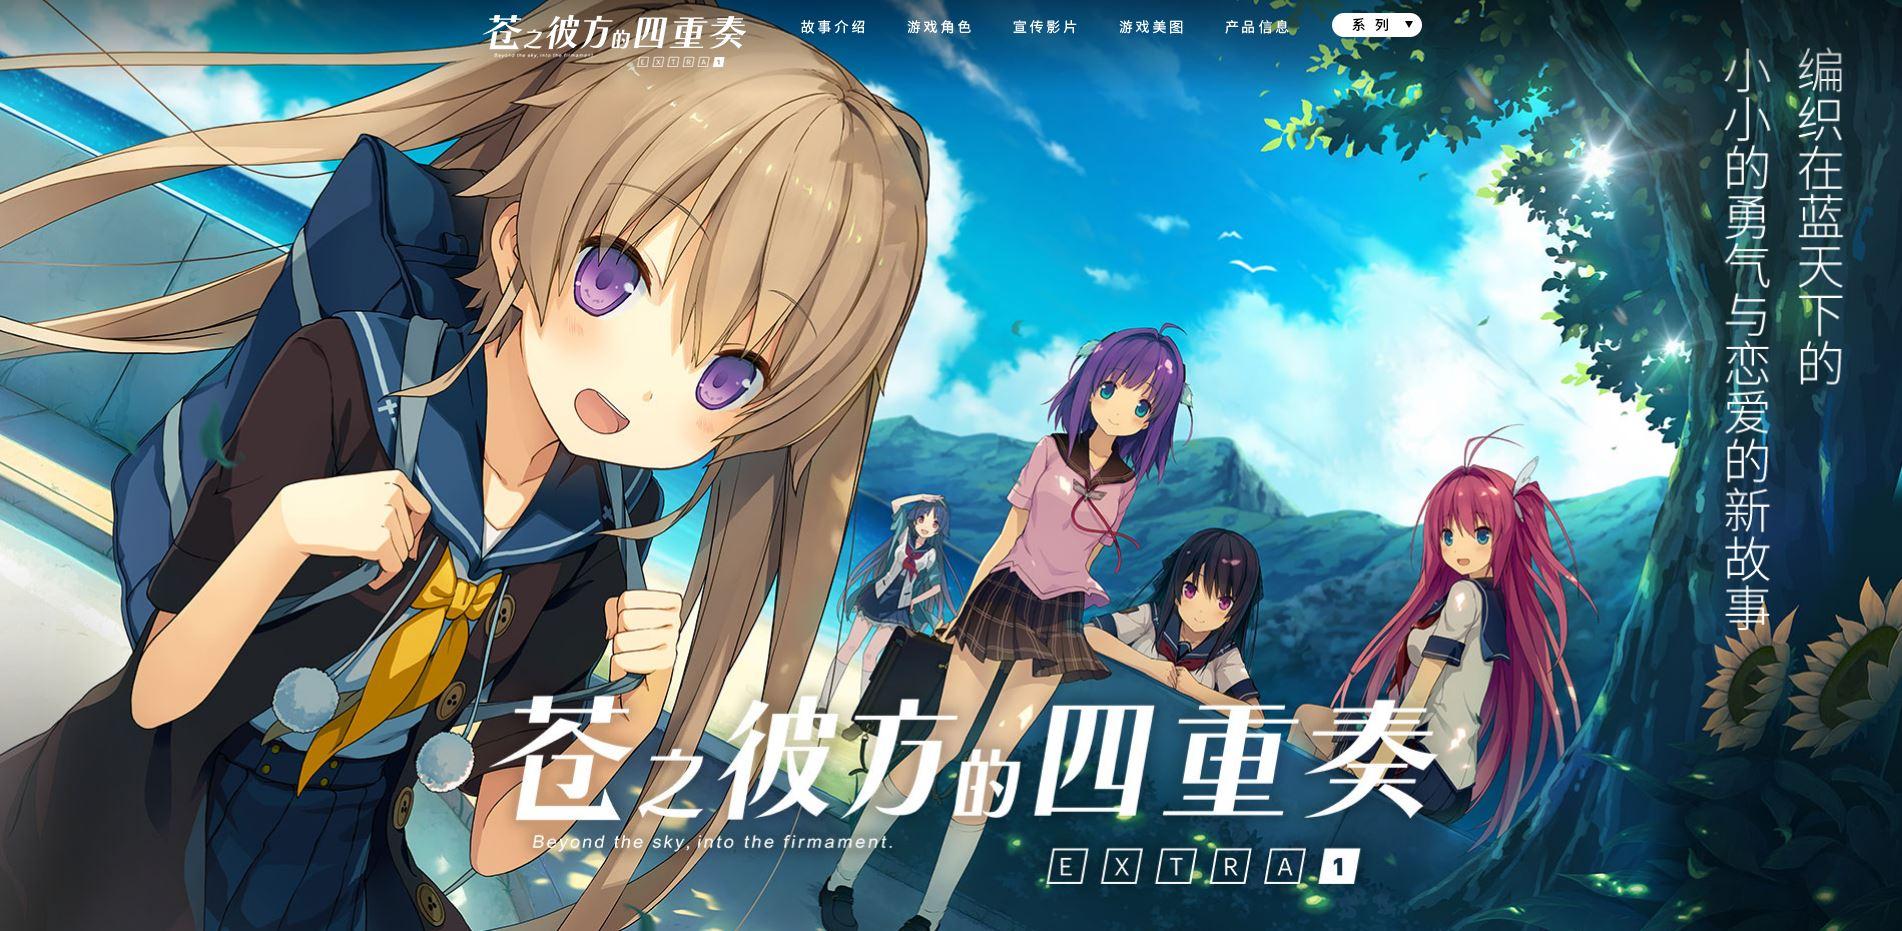 《苍之彼方的四重奏EXTRA1》中文版片头曲发布,发售时间待定